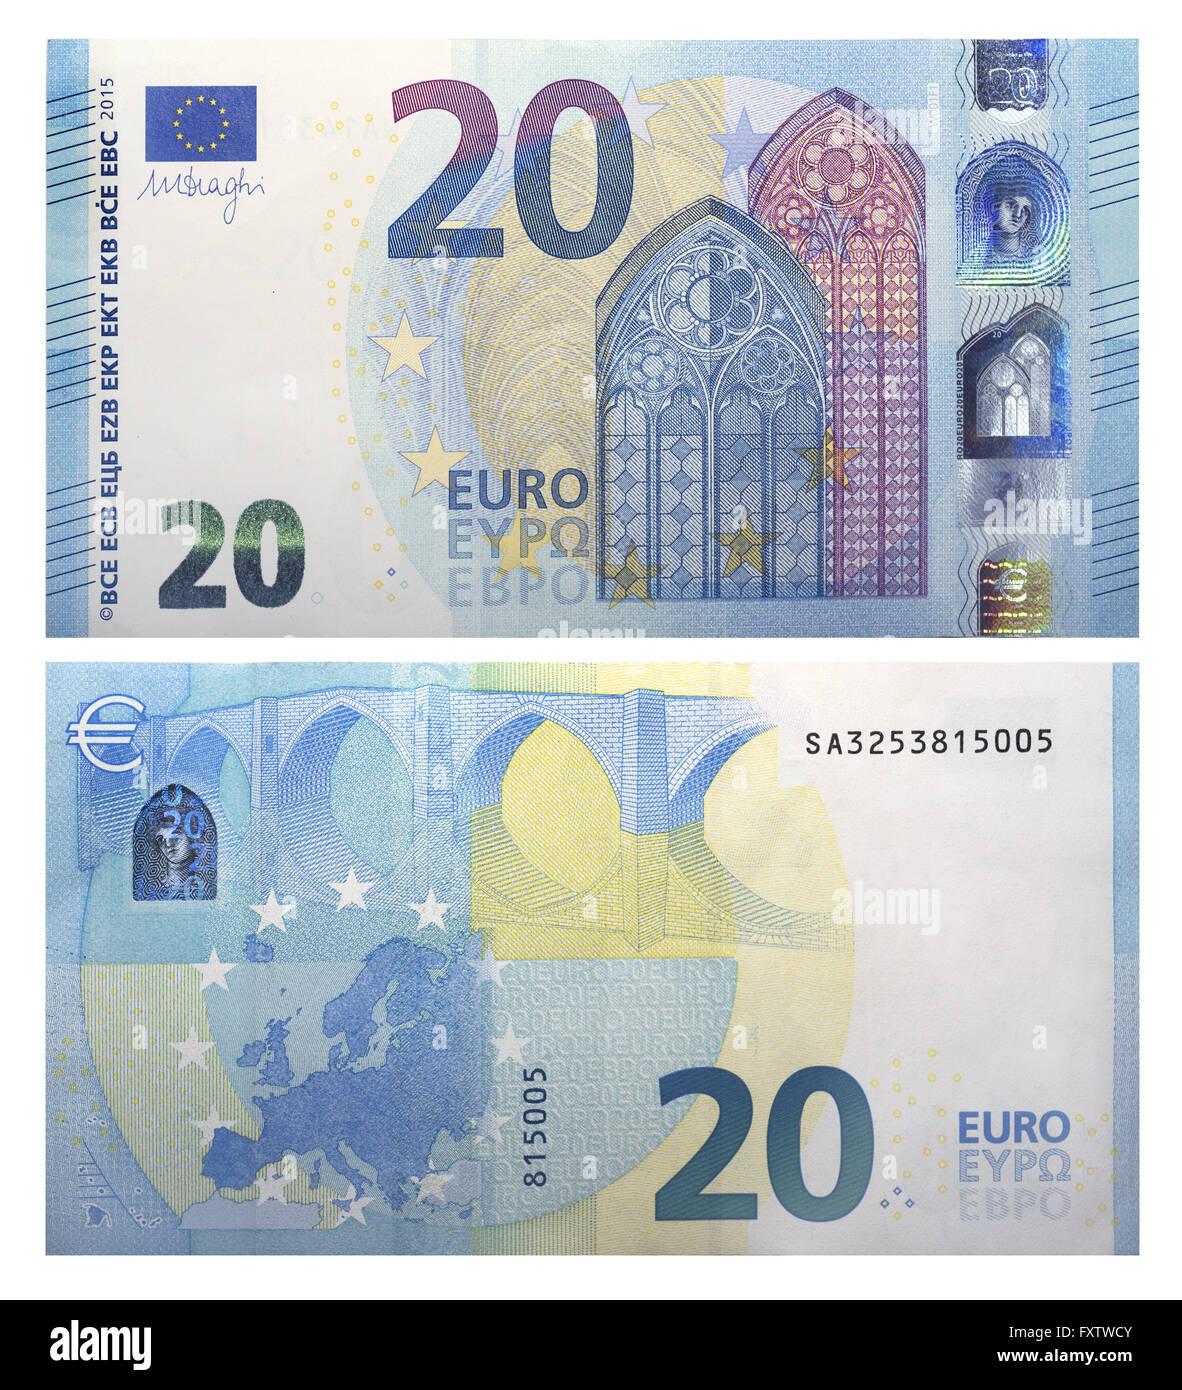 Euro banknotes key generator